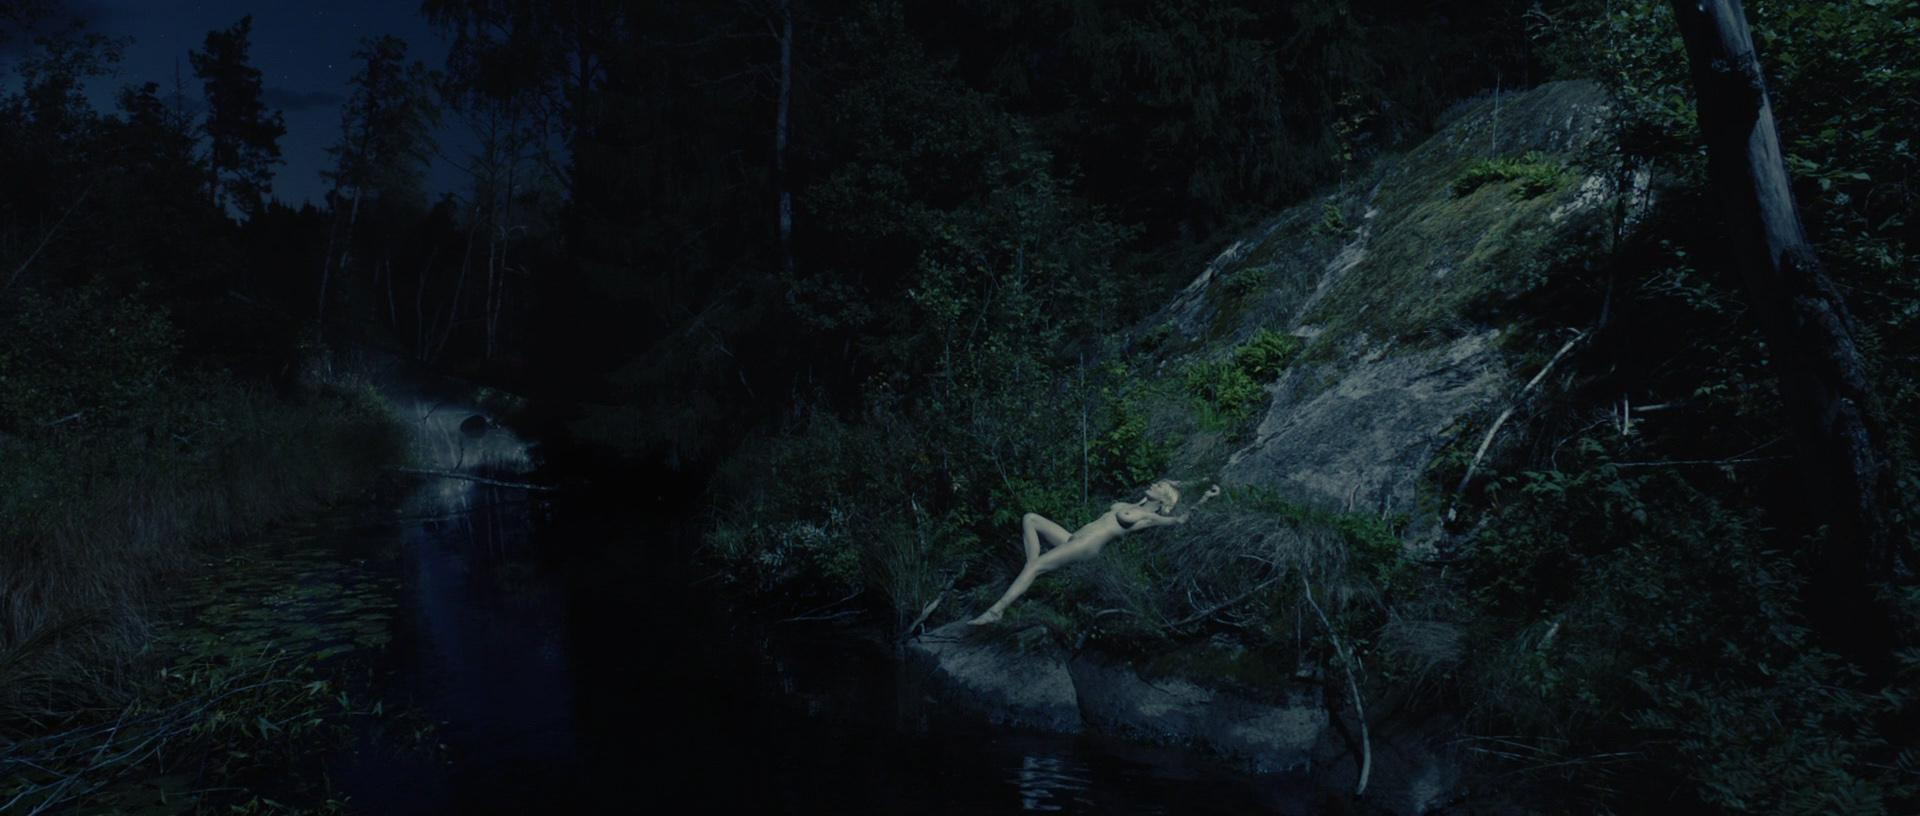 Kirsten Dunst fotos filtradas desnuda